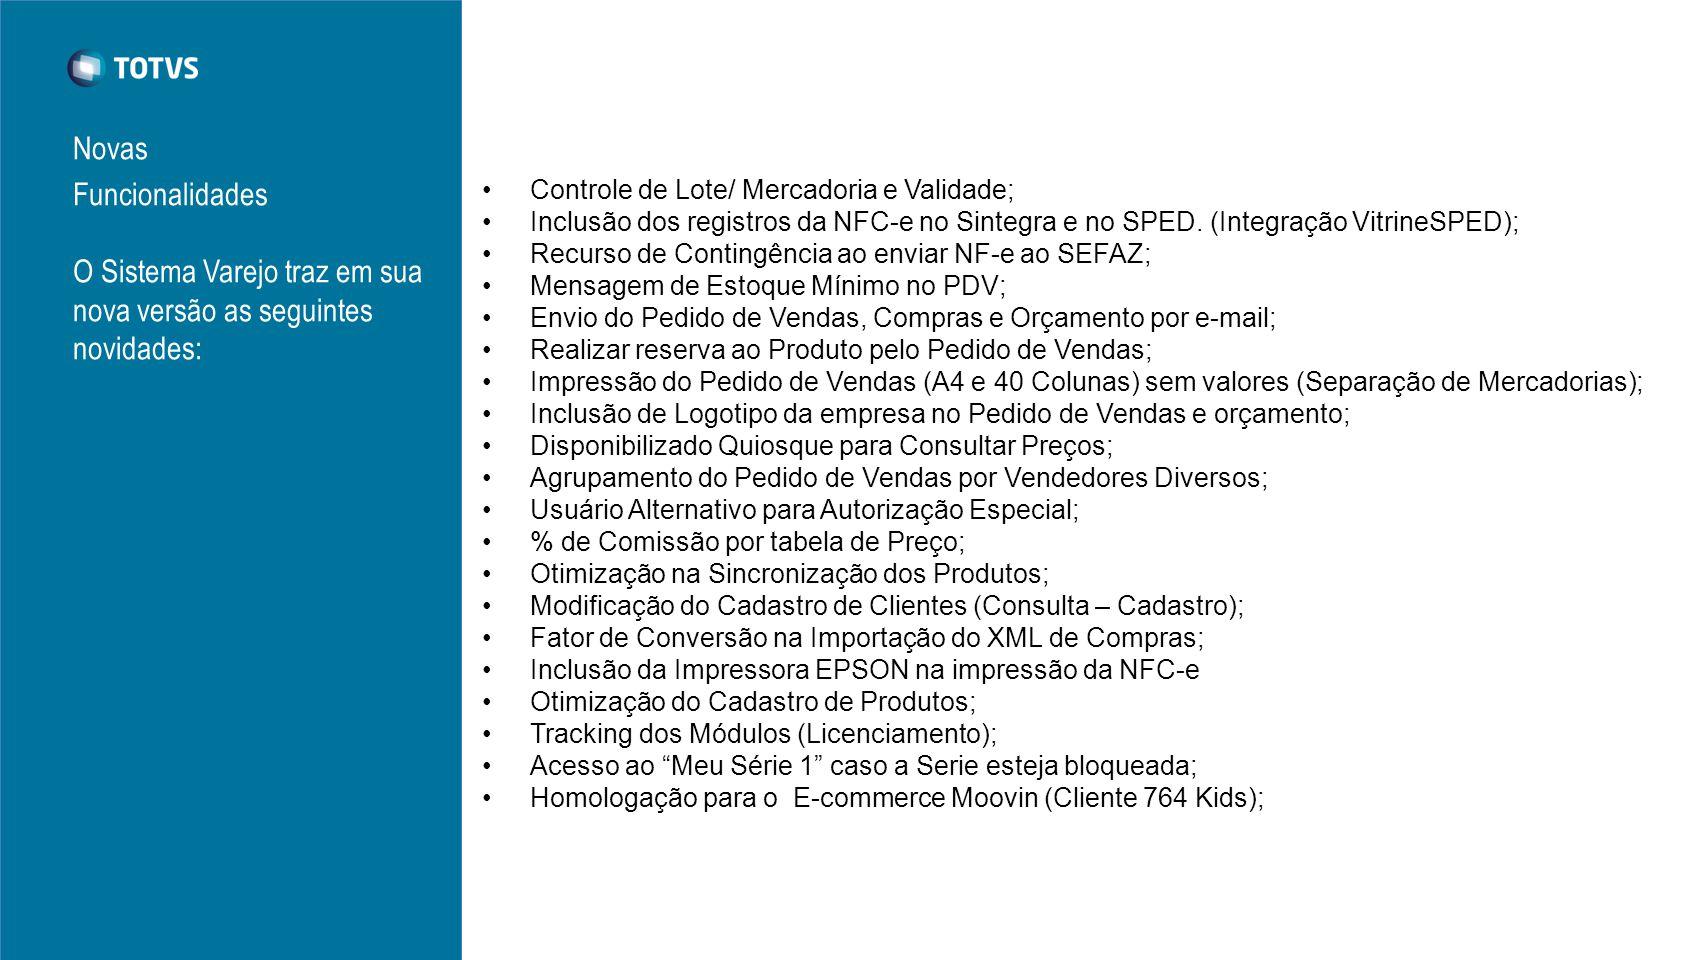 O Sistema Varejo traz em sua nova versão as seguintes novidades: